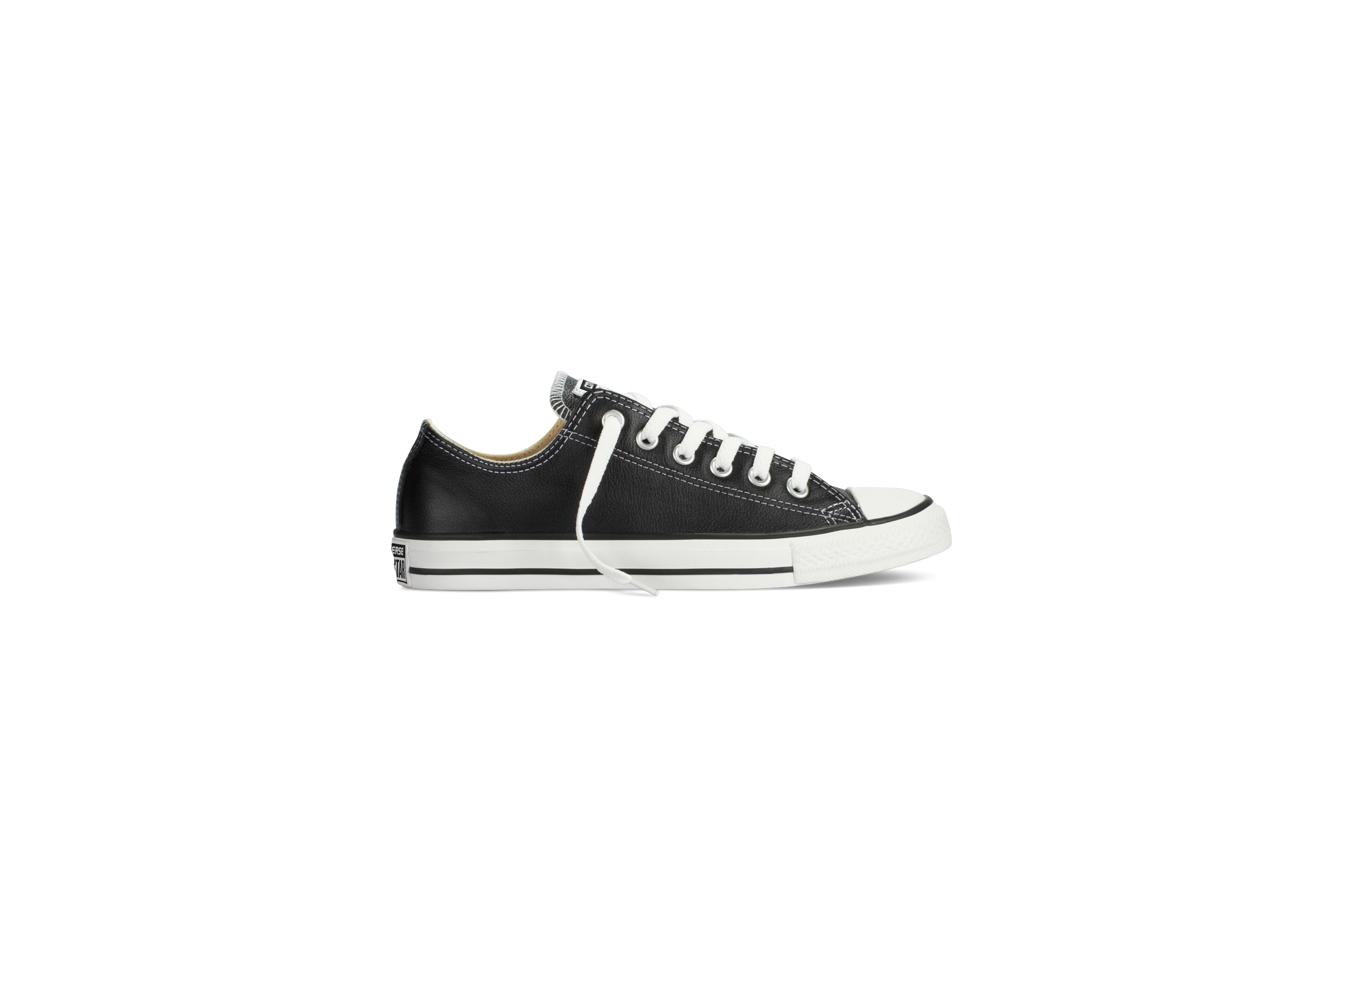 zapatillas converse all star chuck taylor piel